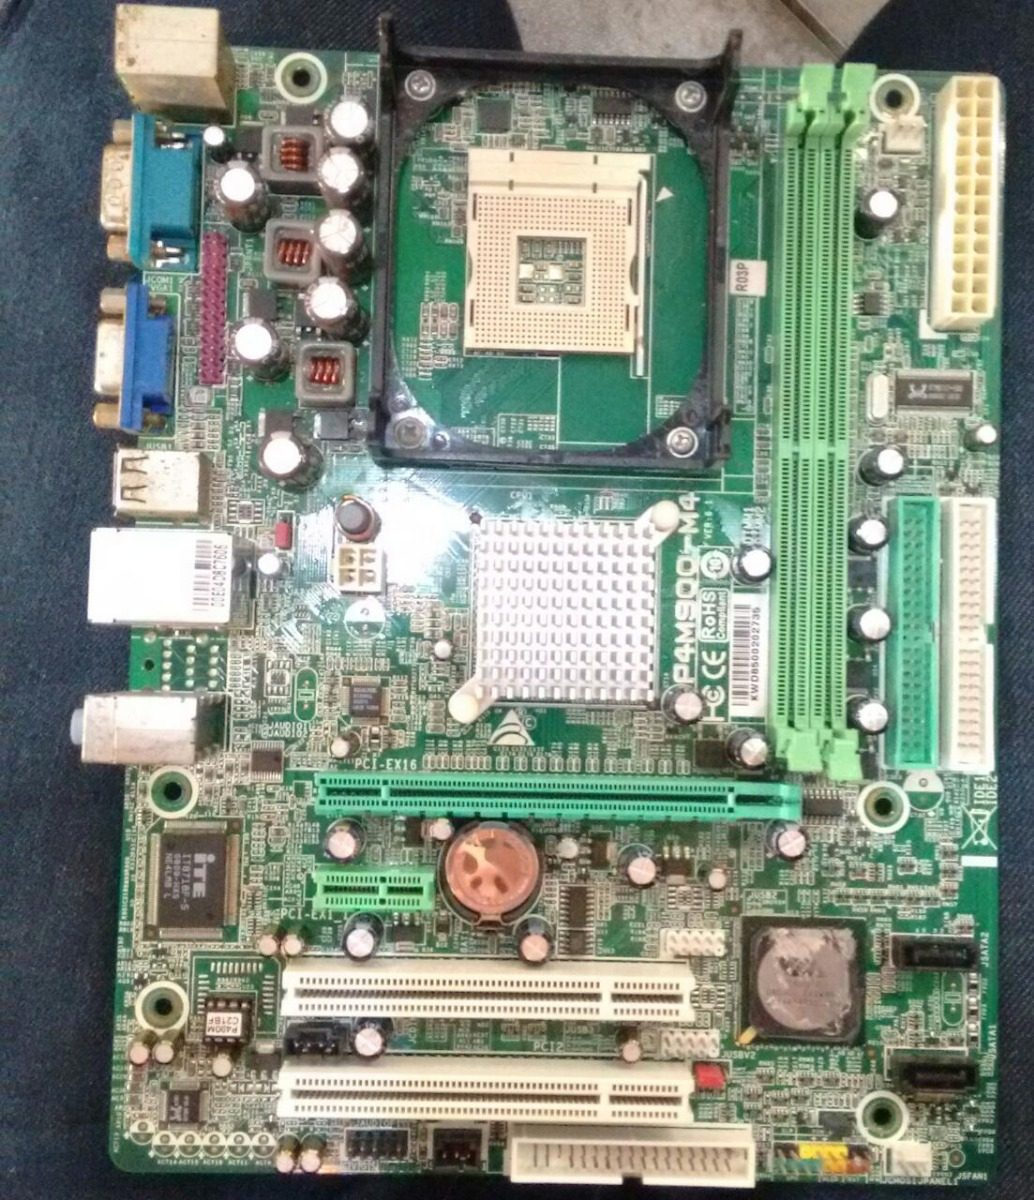 Biostar P4M900-M4 64 Bit